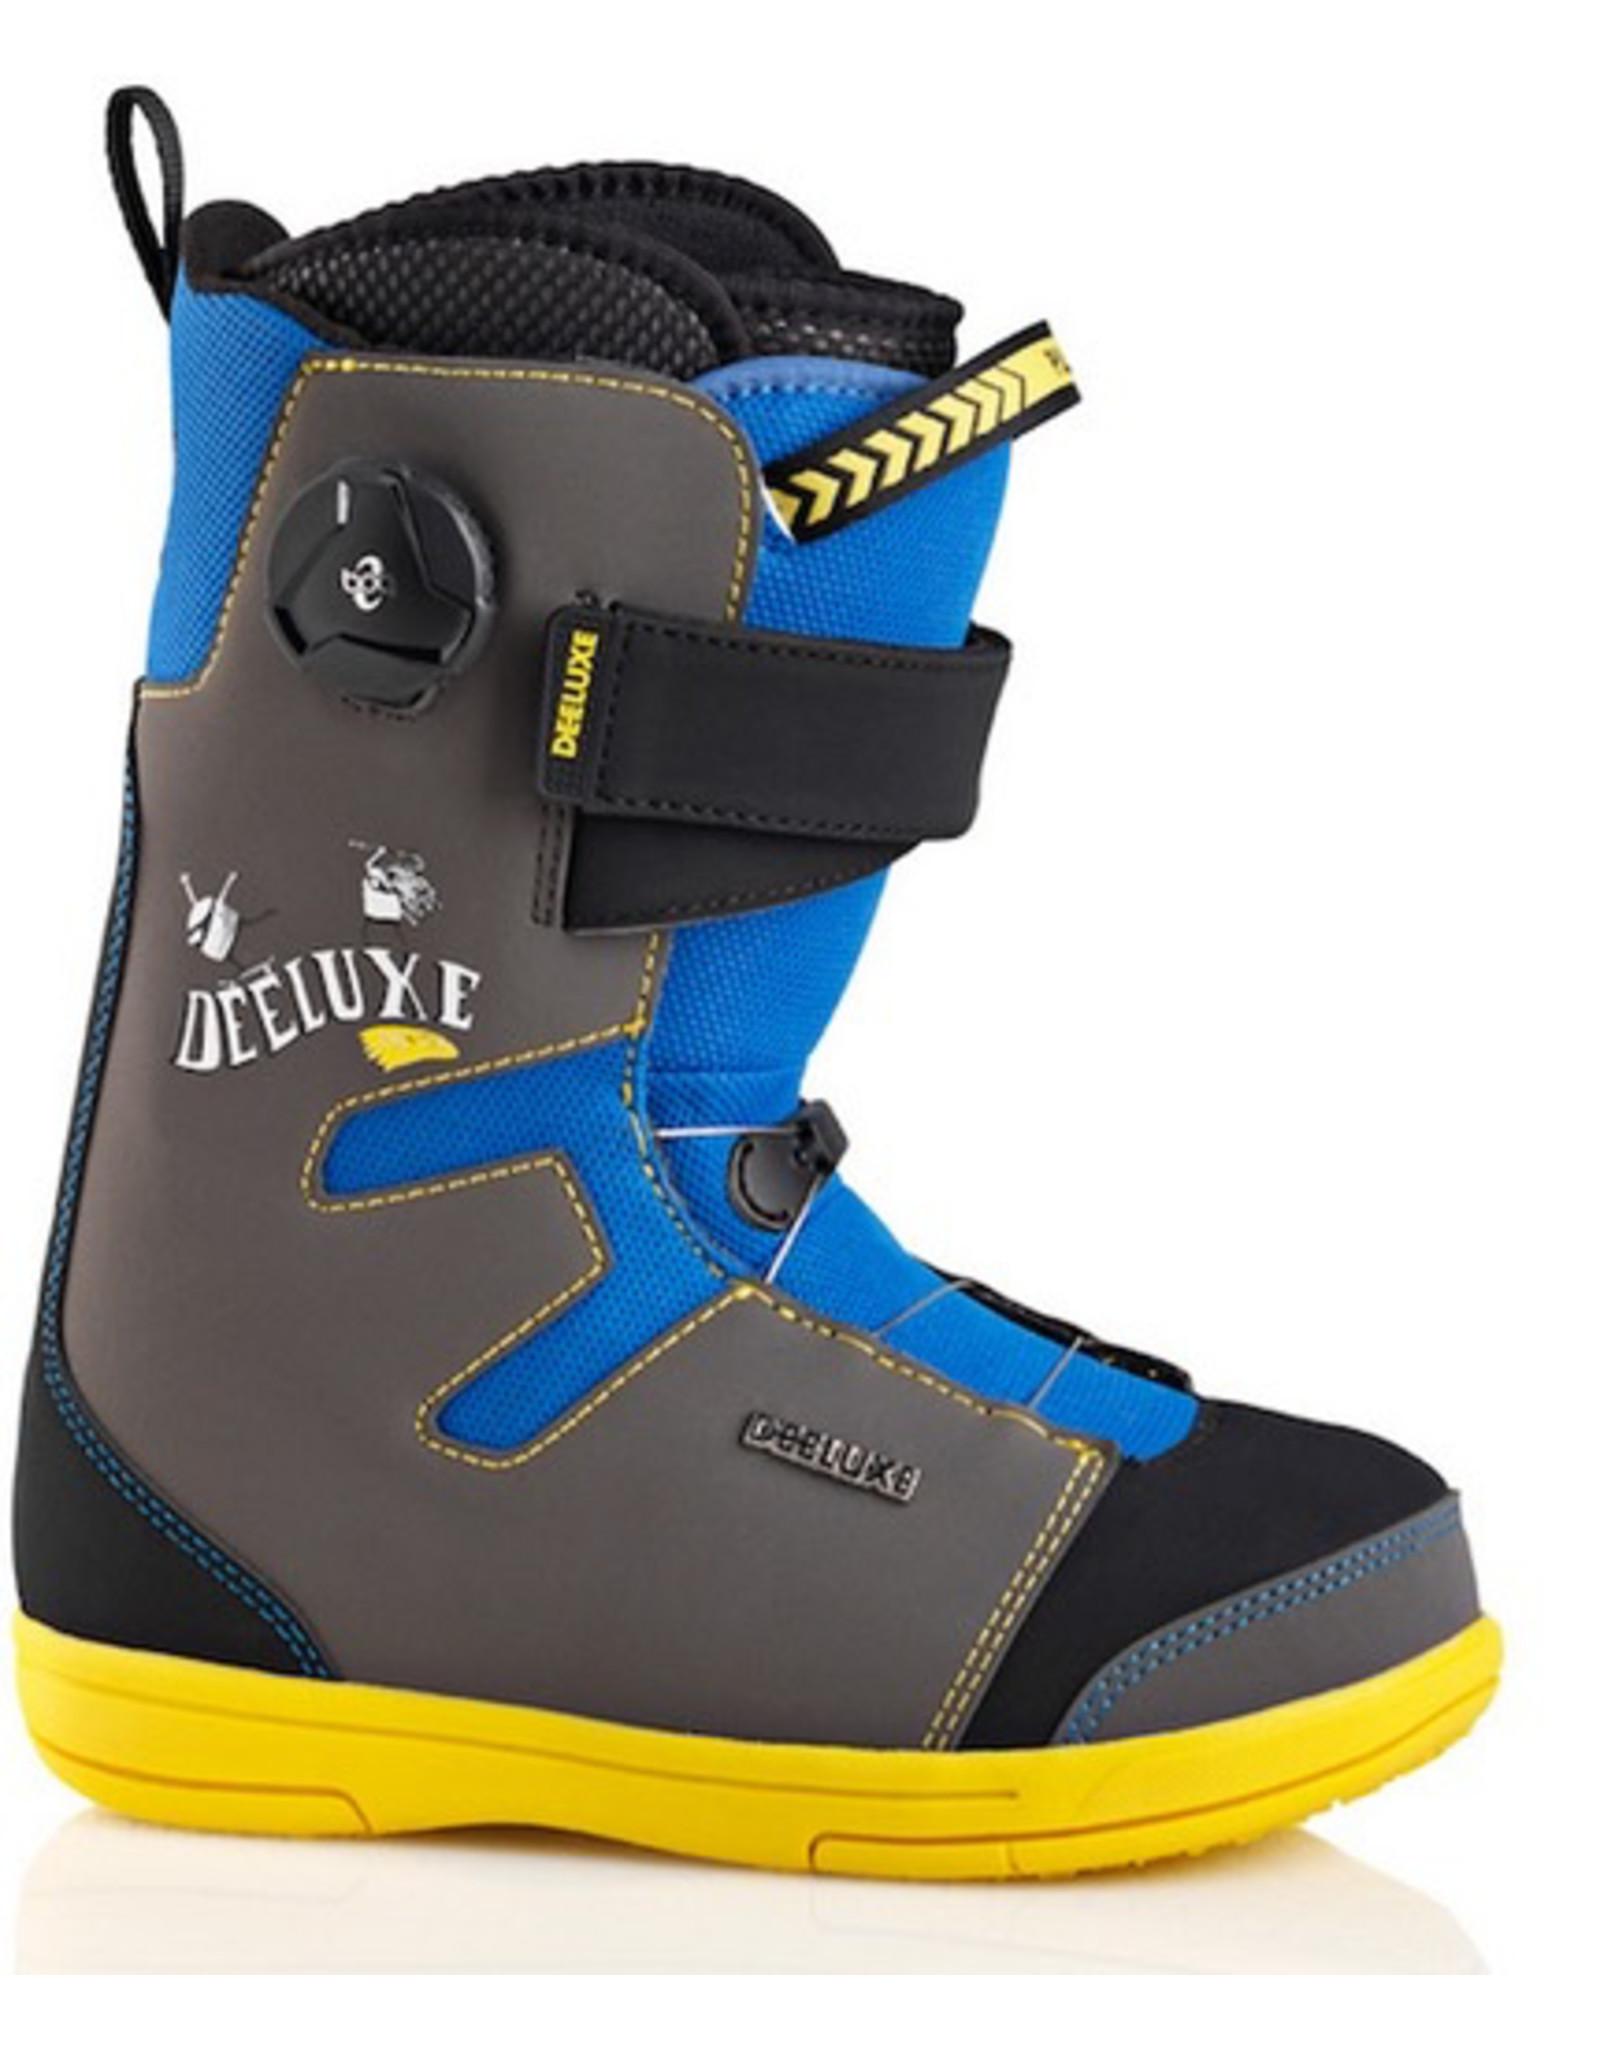 Deeluxe Deeluxe - Junior (C3), Blu/Yel, 36-225-4,5